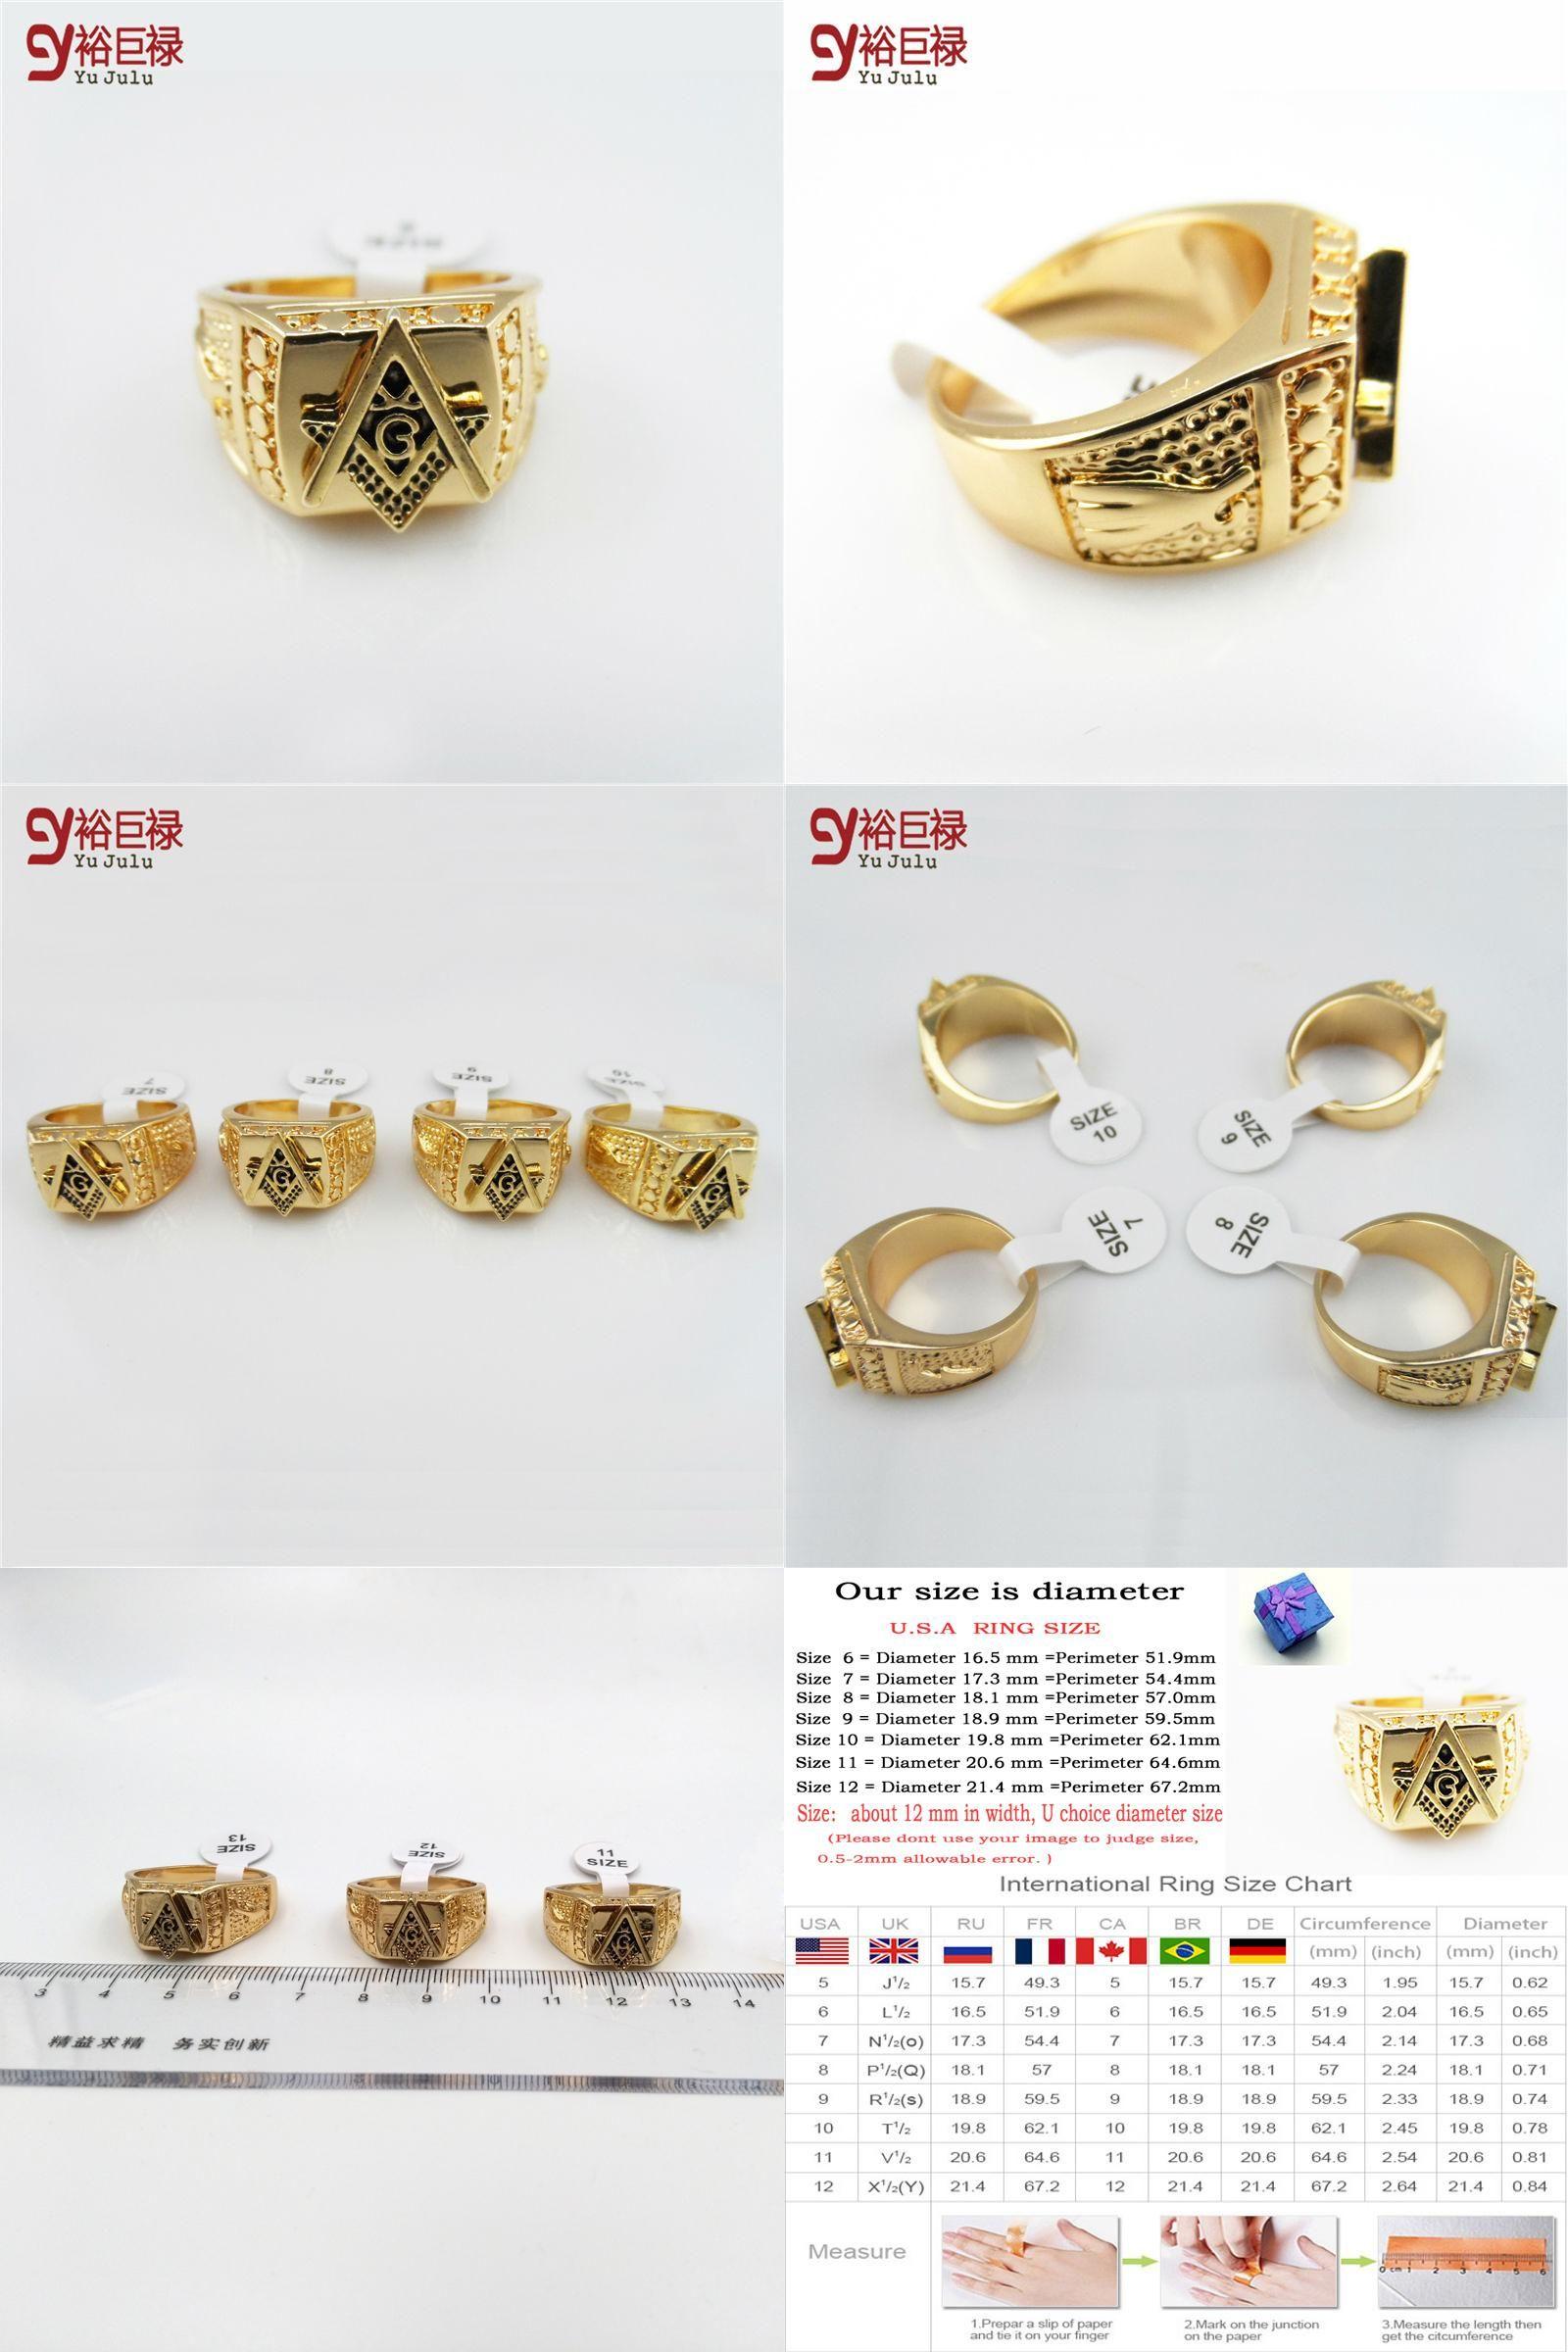 Visit to Buy] 2016 Men 24k Gold Metal Hip Hop Ring Golden Medusa